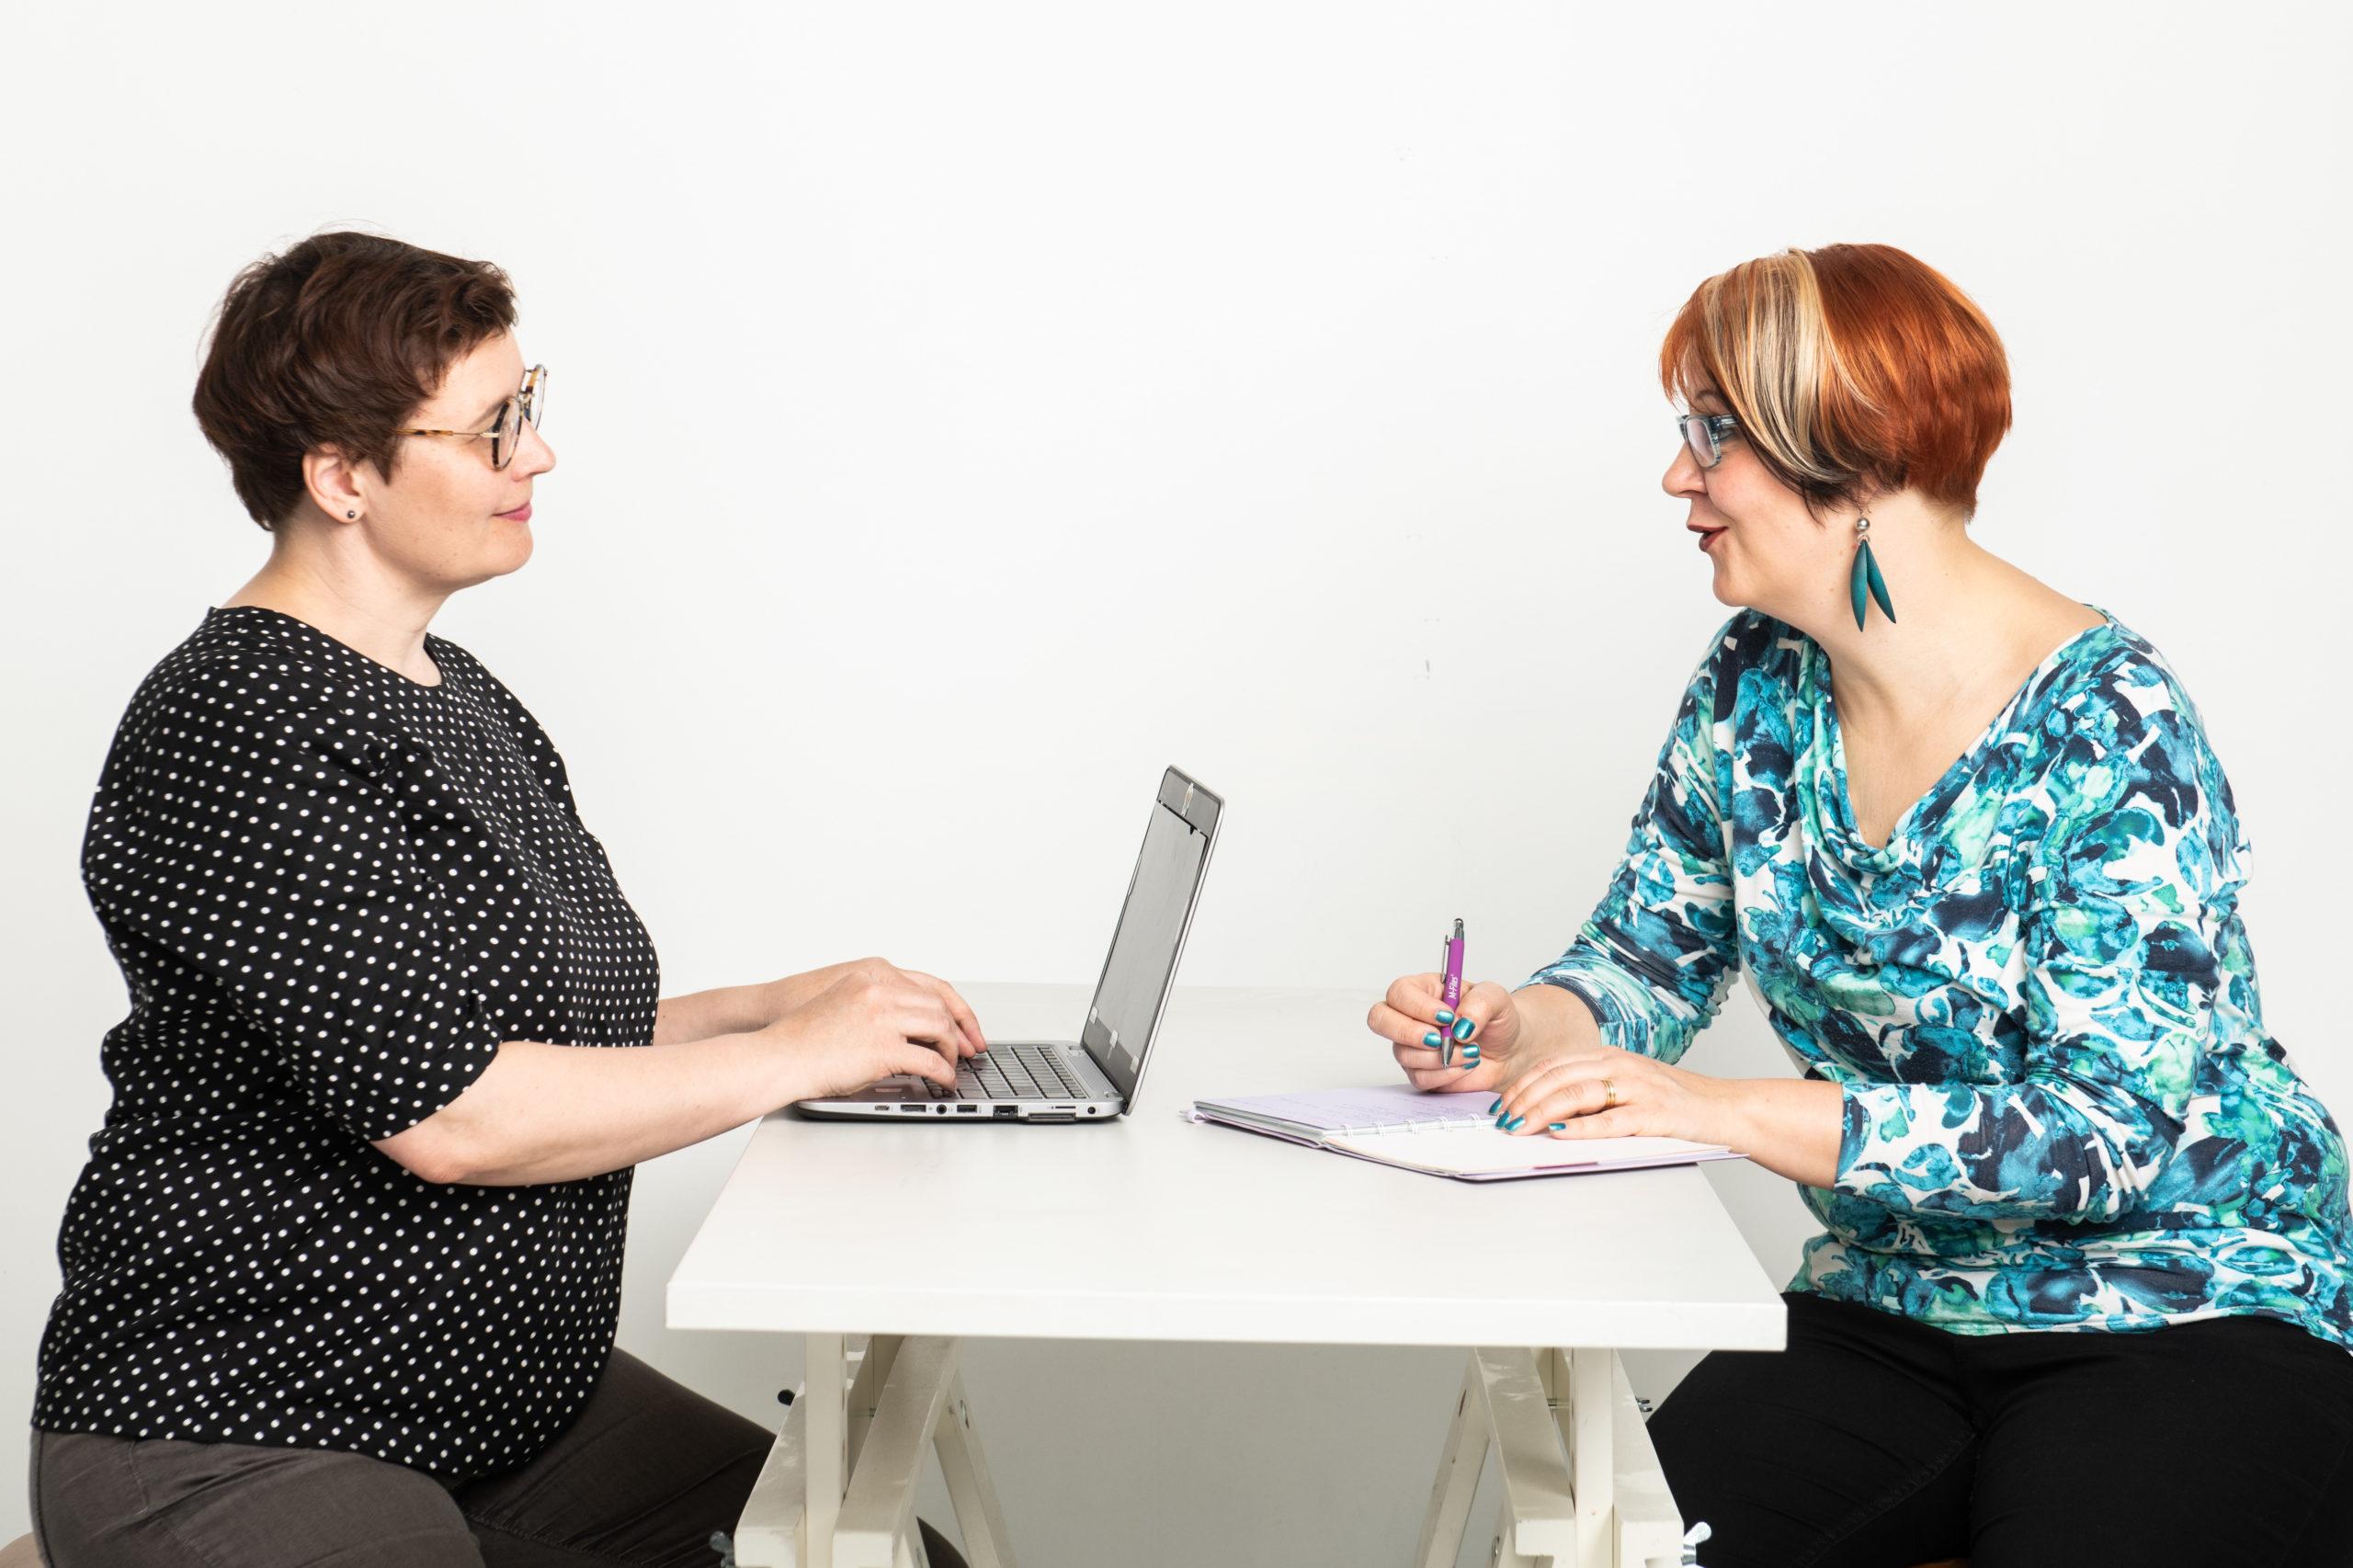 Kaksi henkilöä istuu pöydän vastakkaisilla puolilla ja keskustelee. Toisella on edessään läppäri ja toisella muistikirja.